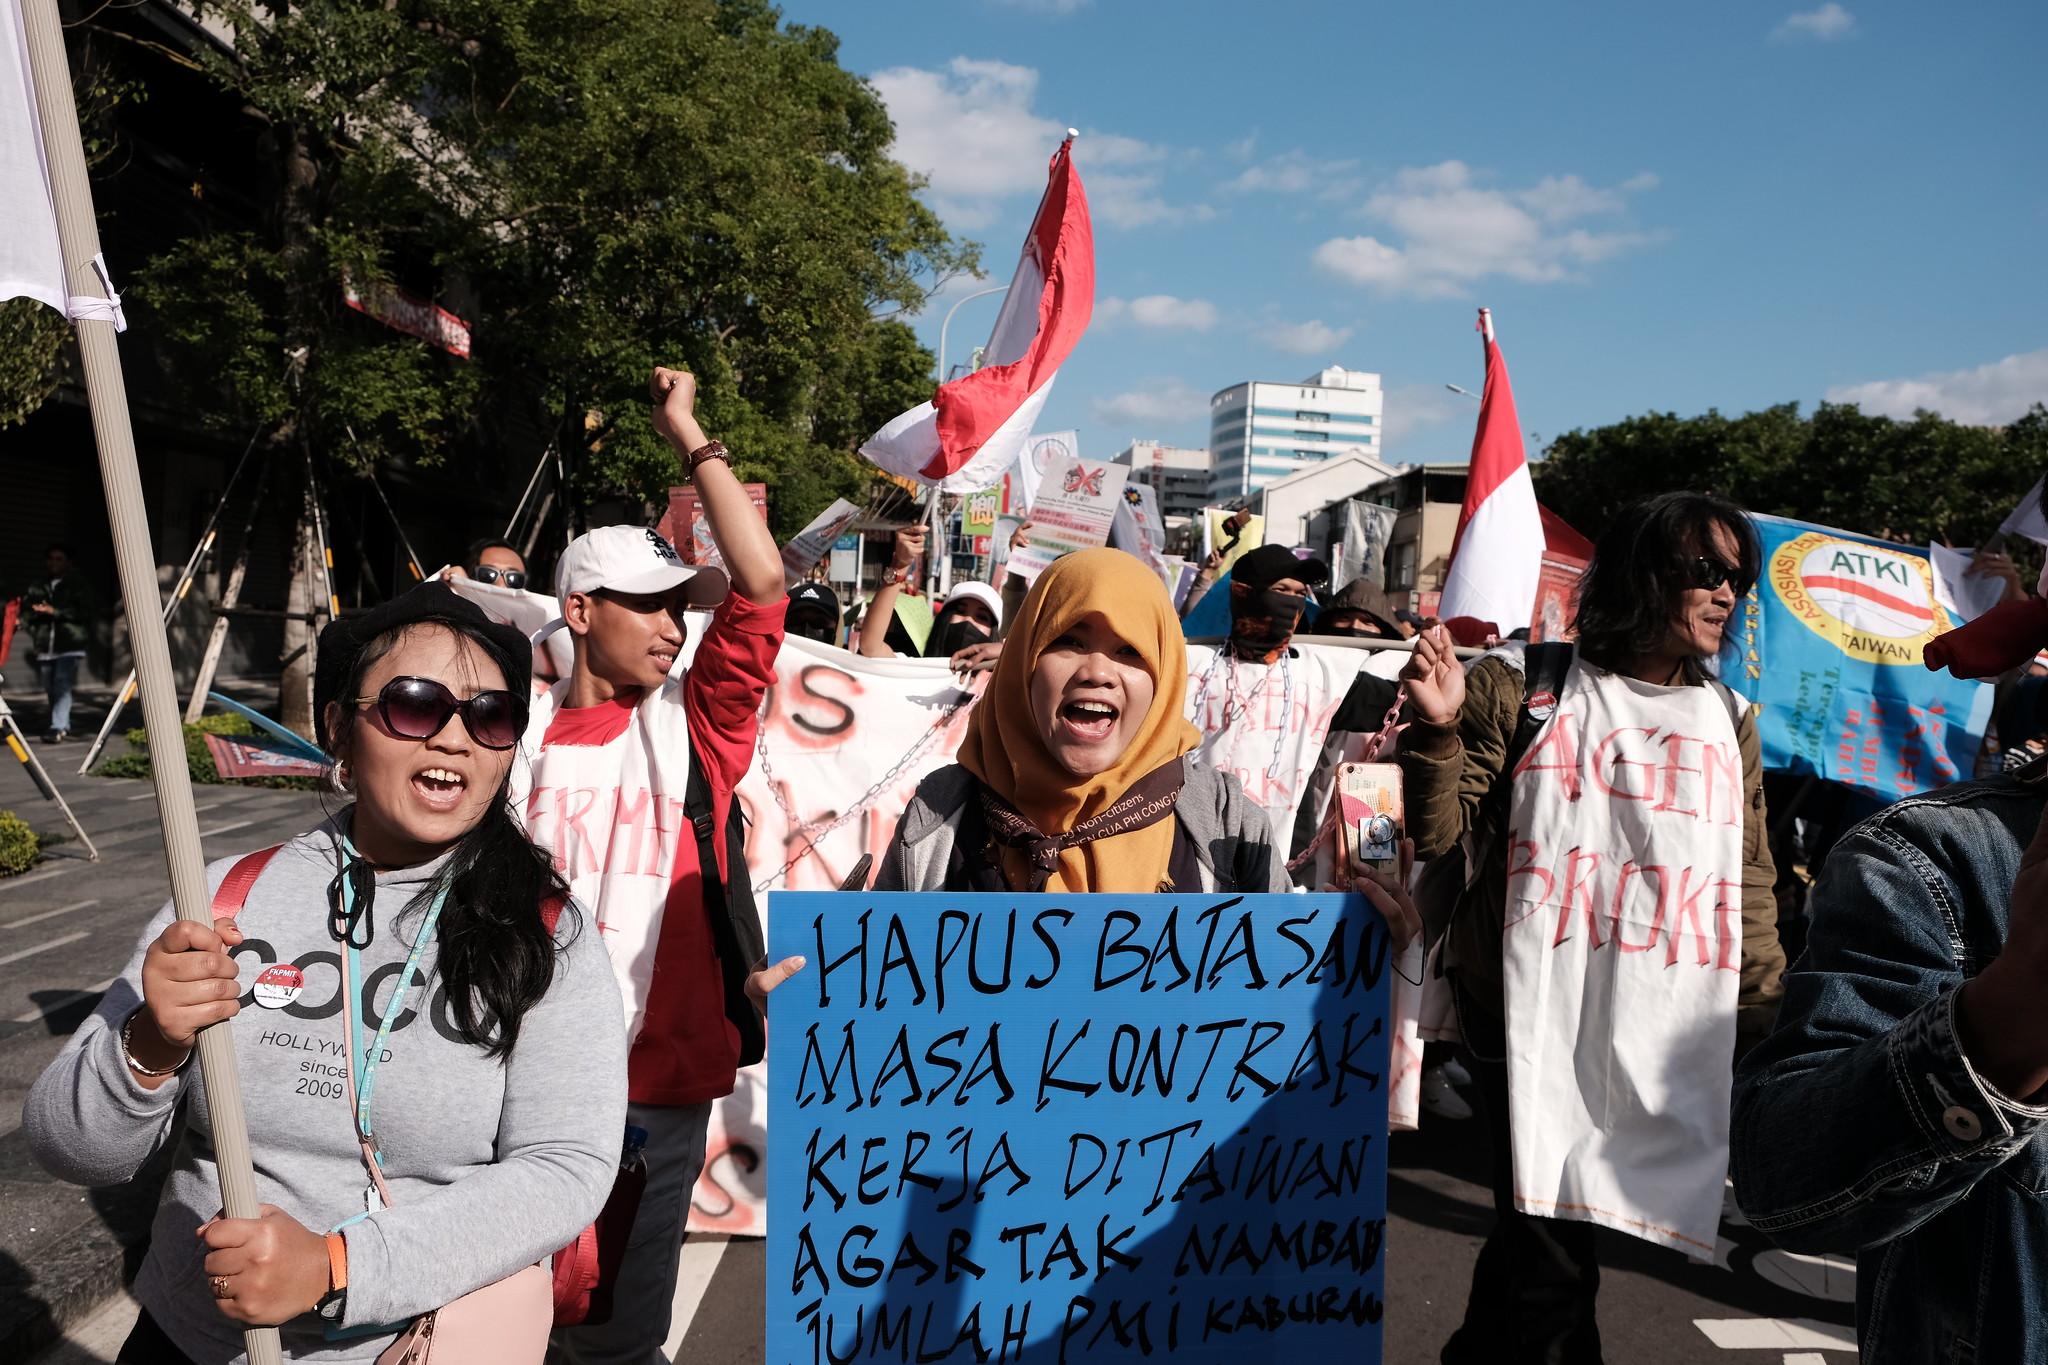 遊行隊伍從國民黨黨部出發,行經民進黨黨部,結束於勞動部。(攝影:唐佐欣)